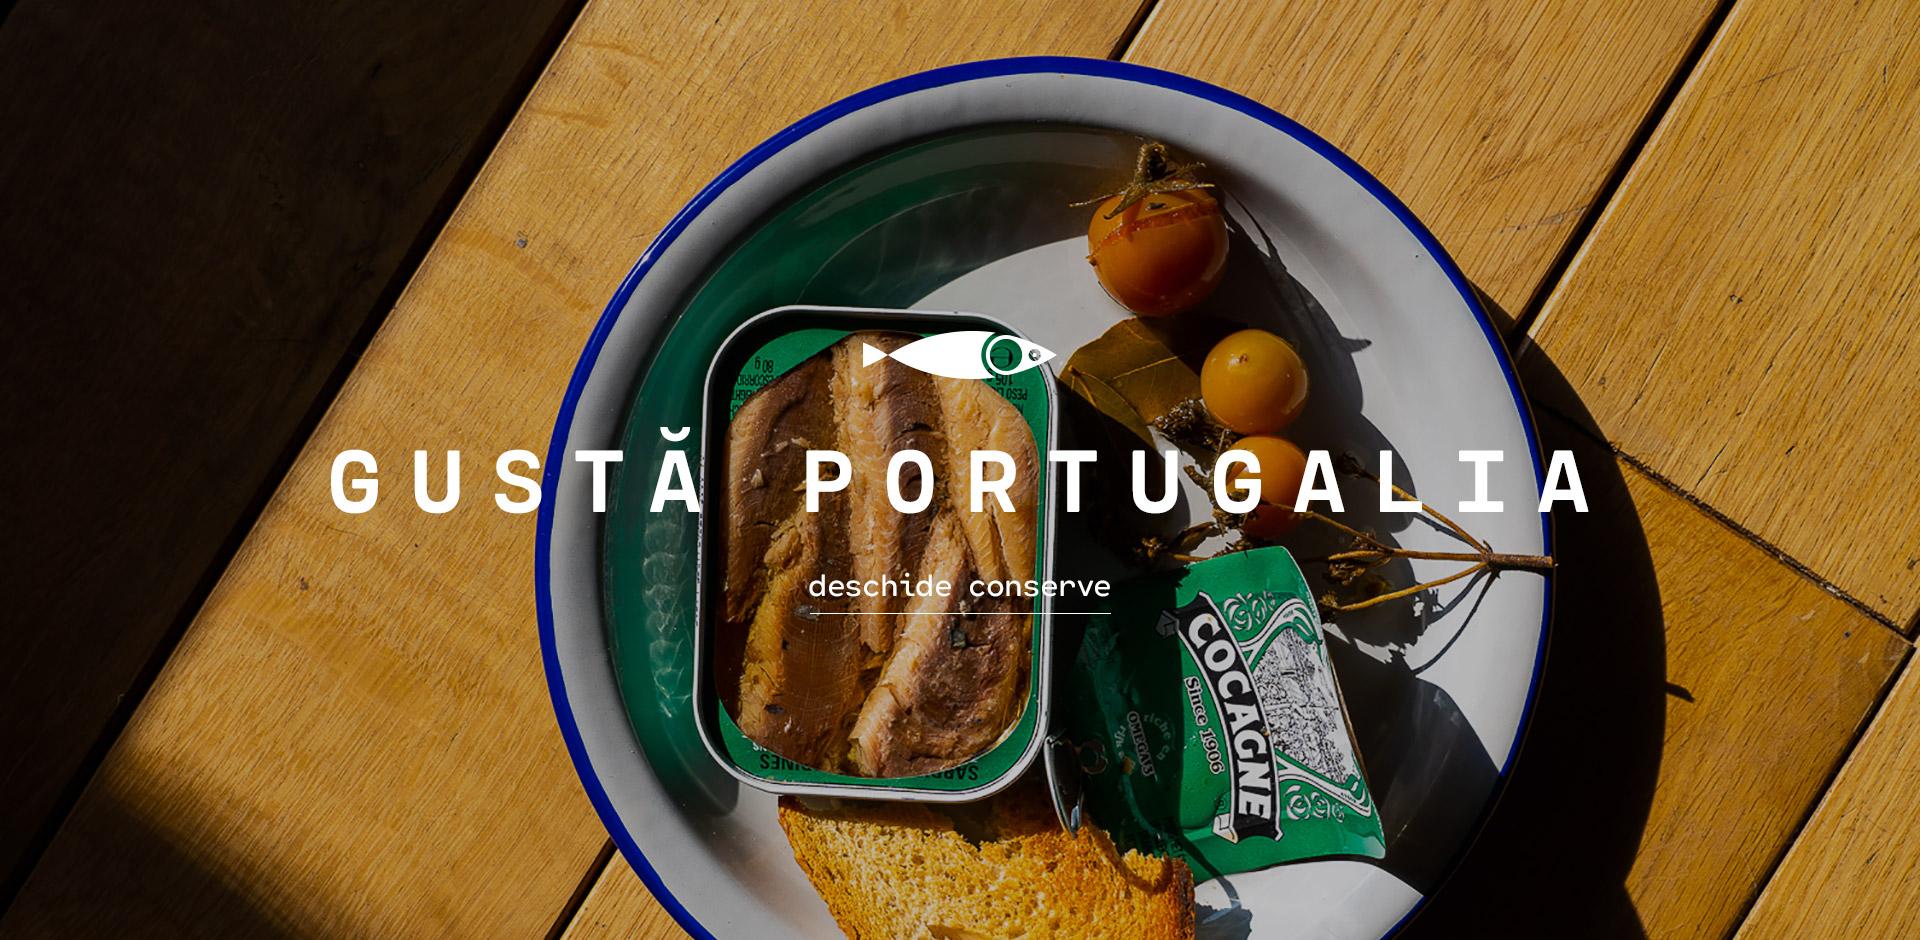 Gusta Portugalia